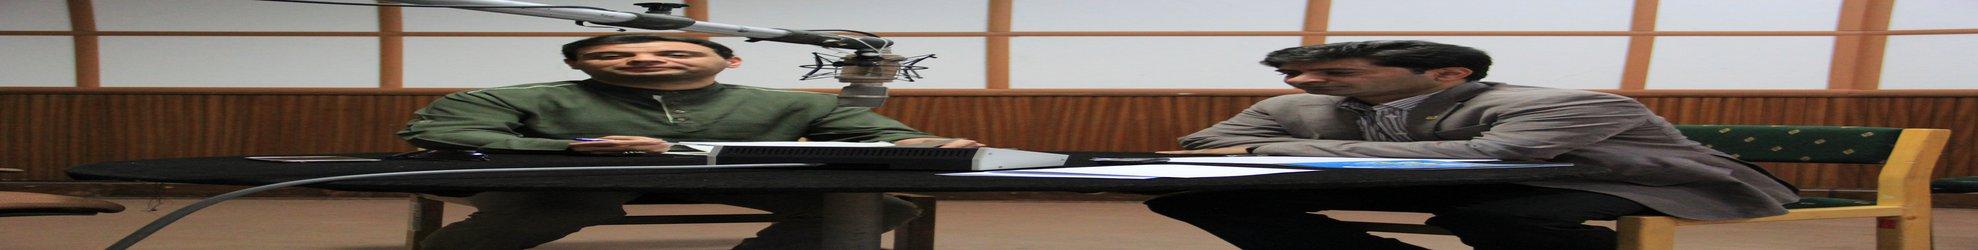 مصاحبه رادیویی مدیر عامل شرکت توزیع نیروی برق جنوب استان کرمان در برنامه میکروفن صبح کرمان